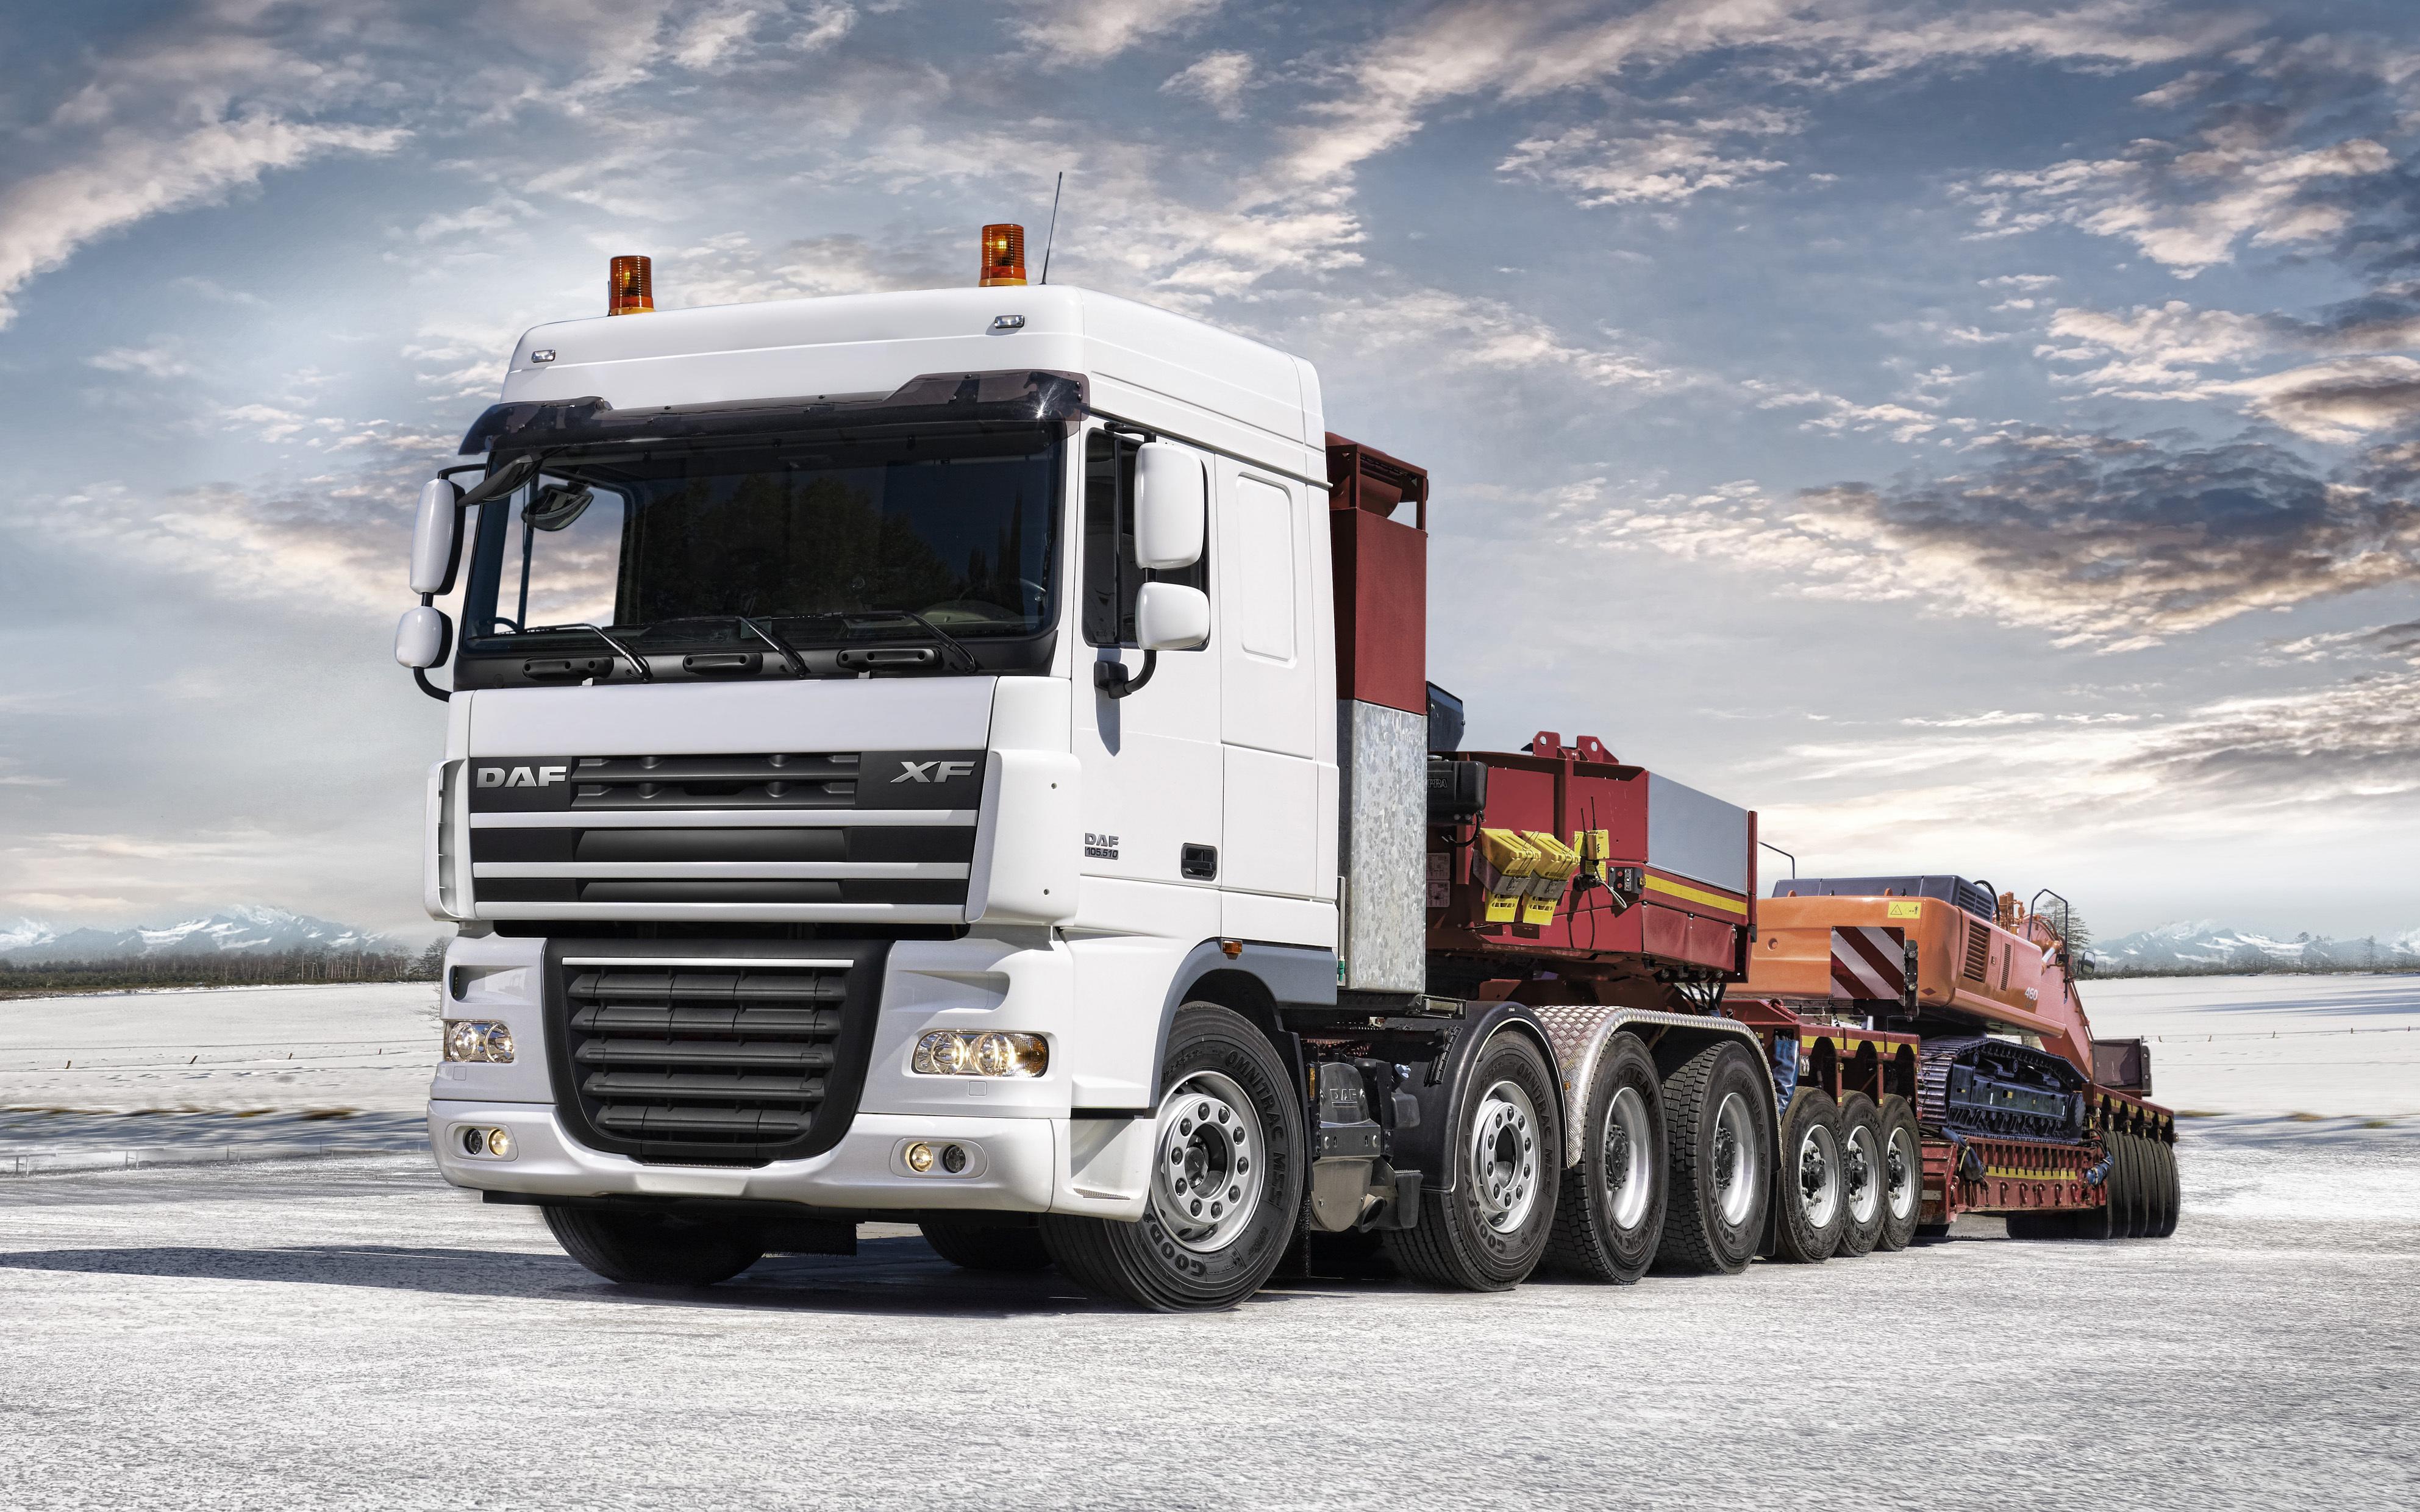 DAF Trucks NV  Official Site